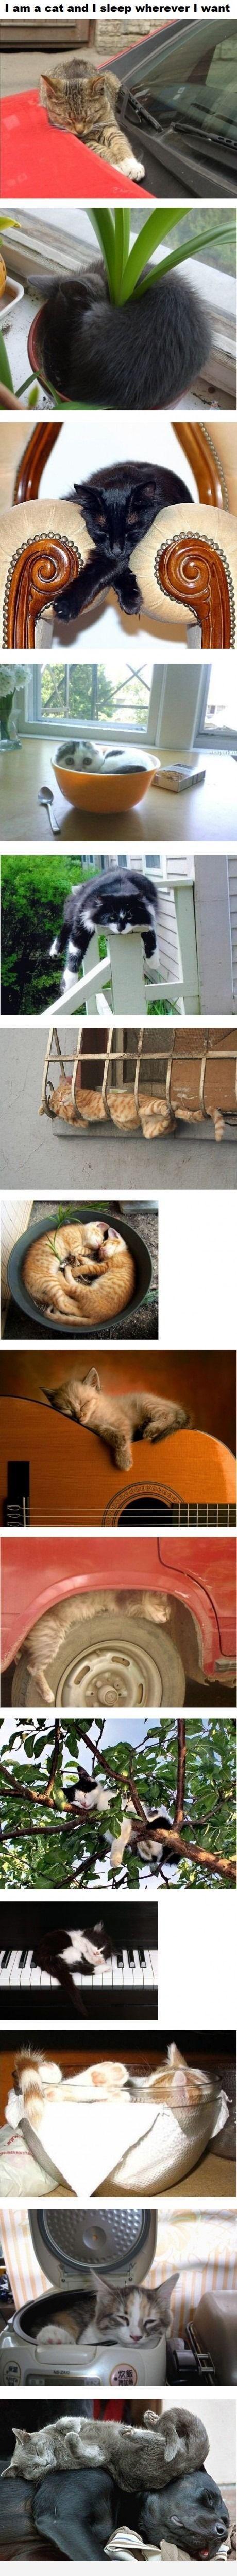 UN chat ça dort partout, n'importe quand et sans fou totalement DE ce que tu penses quand toi tu LE vois dormir comme un gros tt le temps n'importe comment